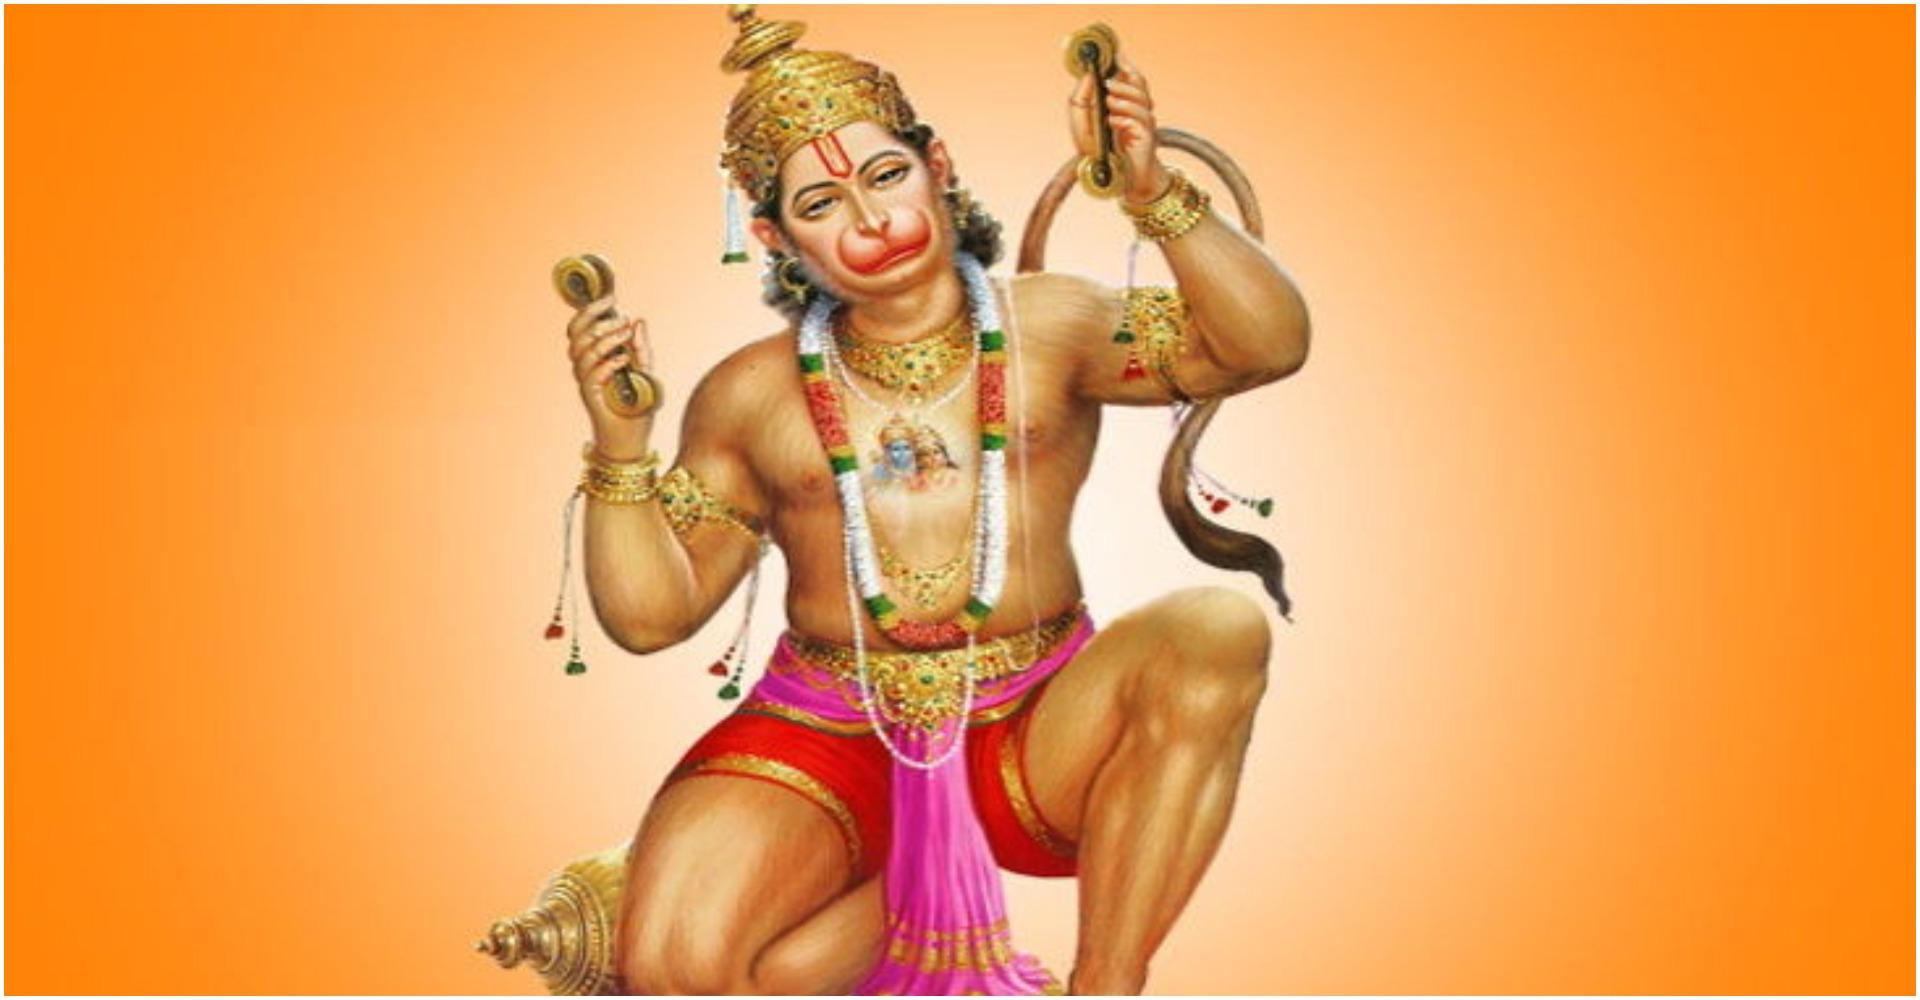 Hanuman Jayanti 2020: आज मनाई जा रही है हनुमान जयंती, जानें शुभ मुहूर्त, पूजा विधि और इसका महत्व